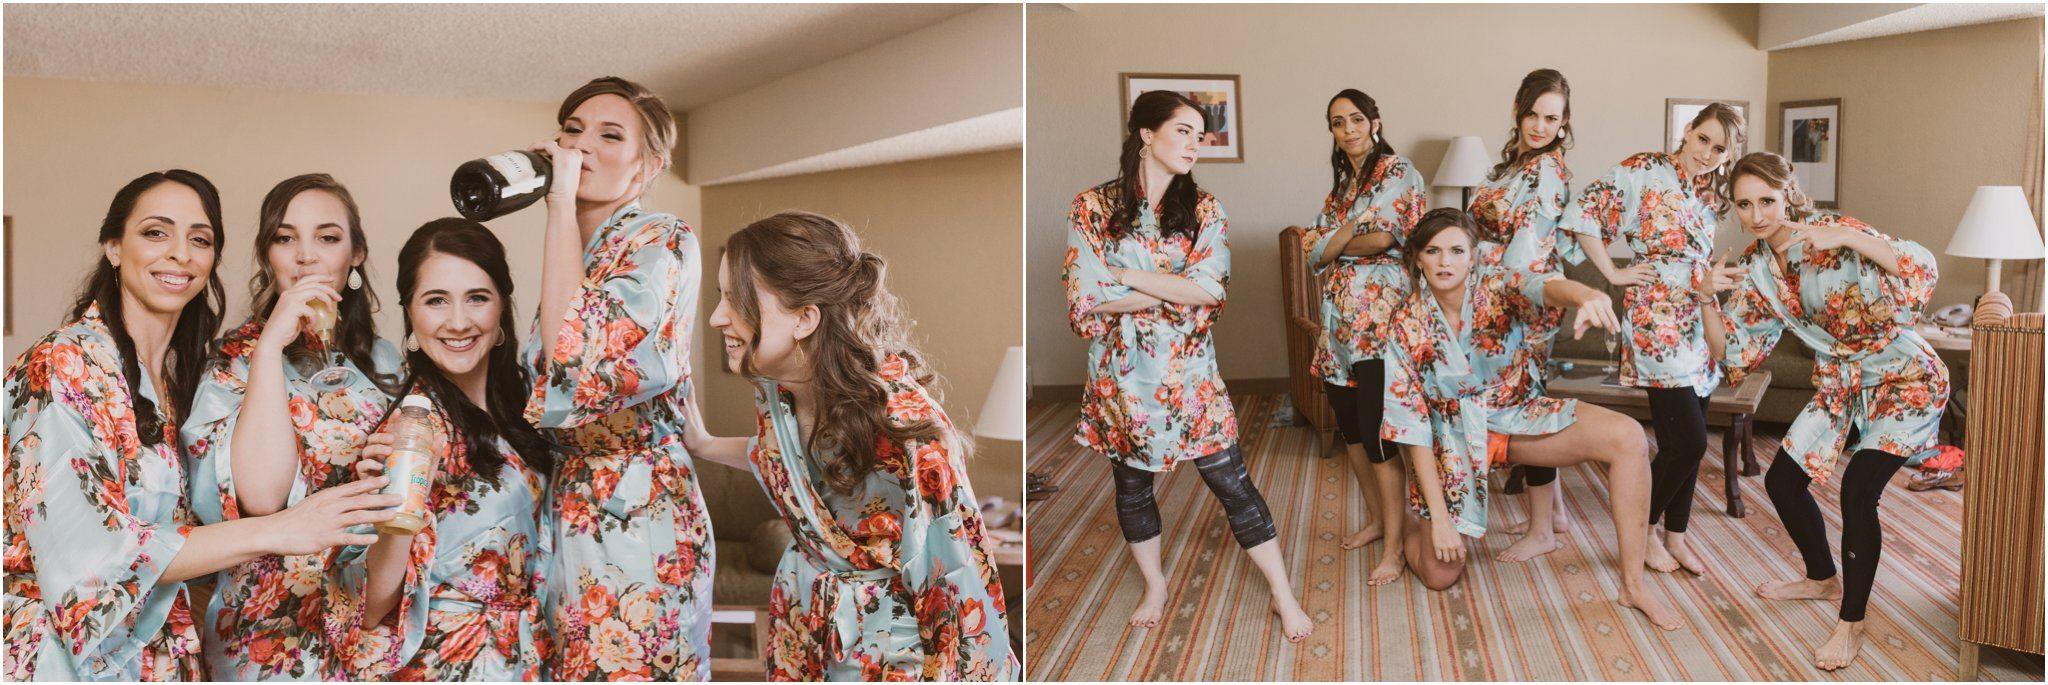 89Blue Rose Photography_ Albuquerque Wedding Photographer_ Santa Fe Wedding Photographers